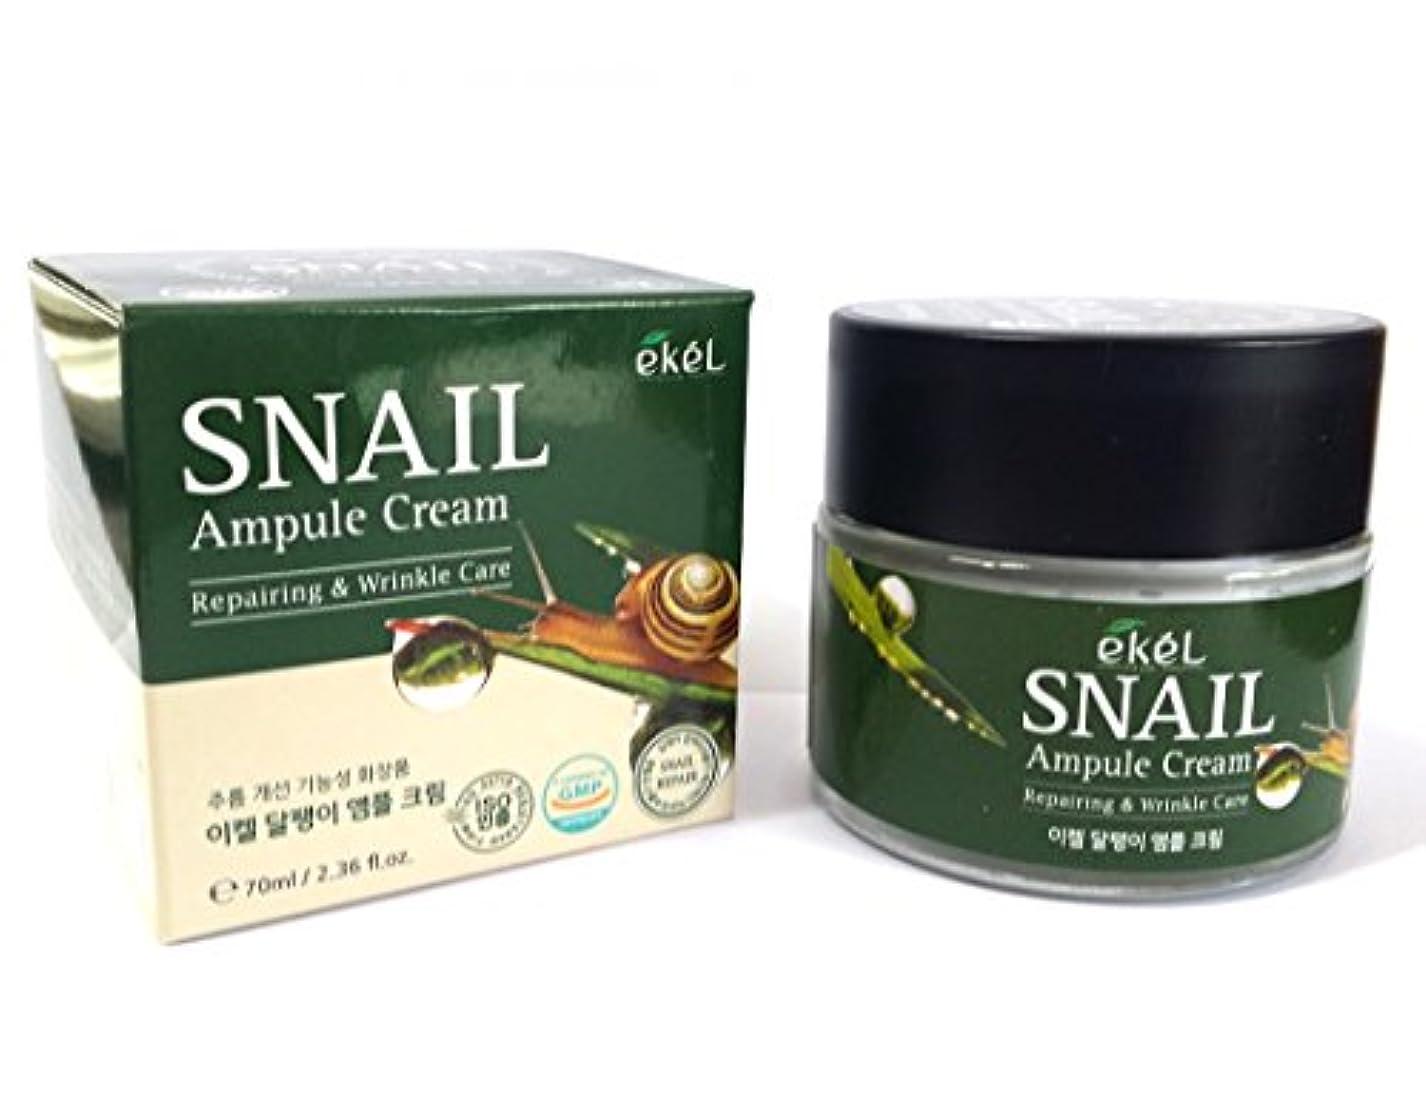 チェス近代化レーニン主義[EKEL] カタツムリアンプルクリーム70ml / Snail Ampule Cream 70ml / / リペアリング&リンクルケア / ハイドレーティングクリーム / Repairing & Wrinkle Care...